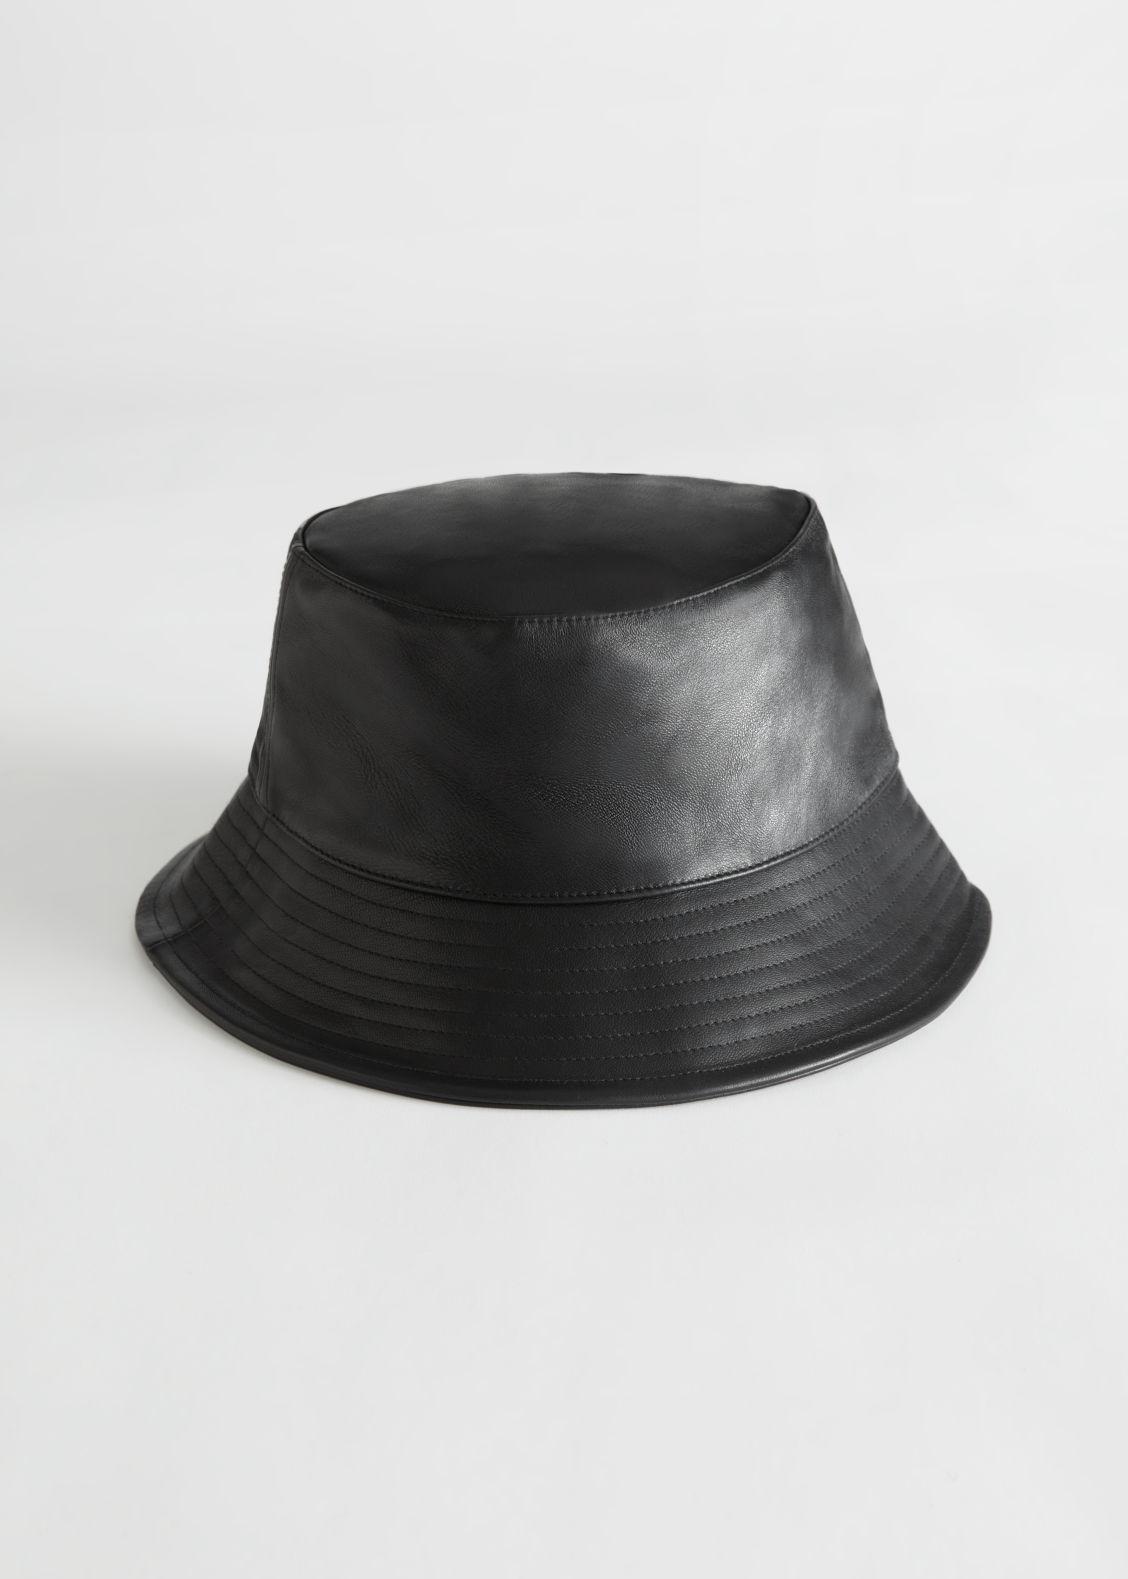 앤 아더 스토리즈 버킷햇 & OTHER STORIES Leather Bucket Hat,Black